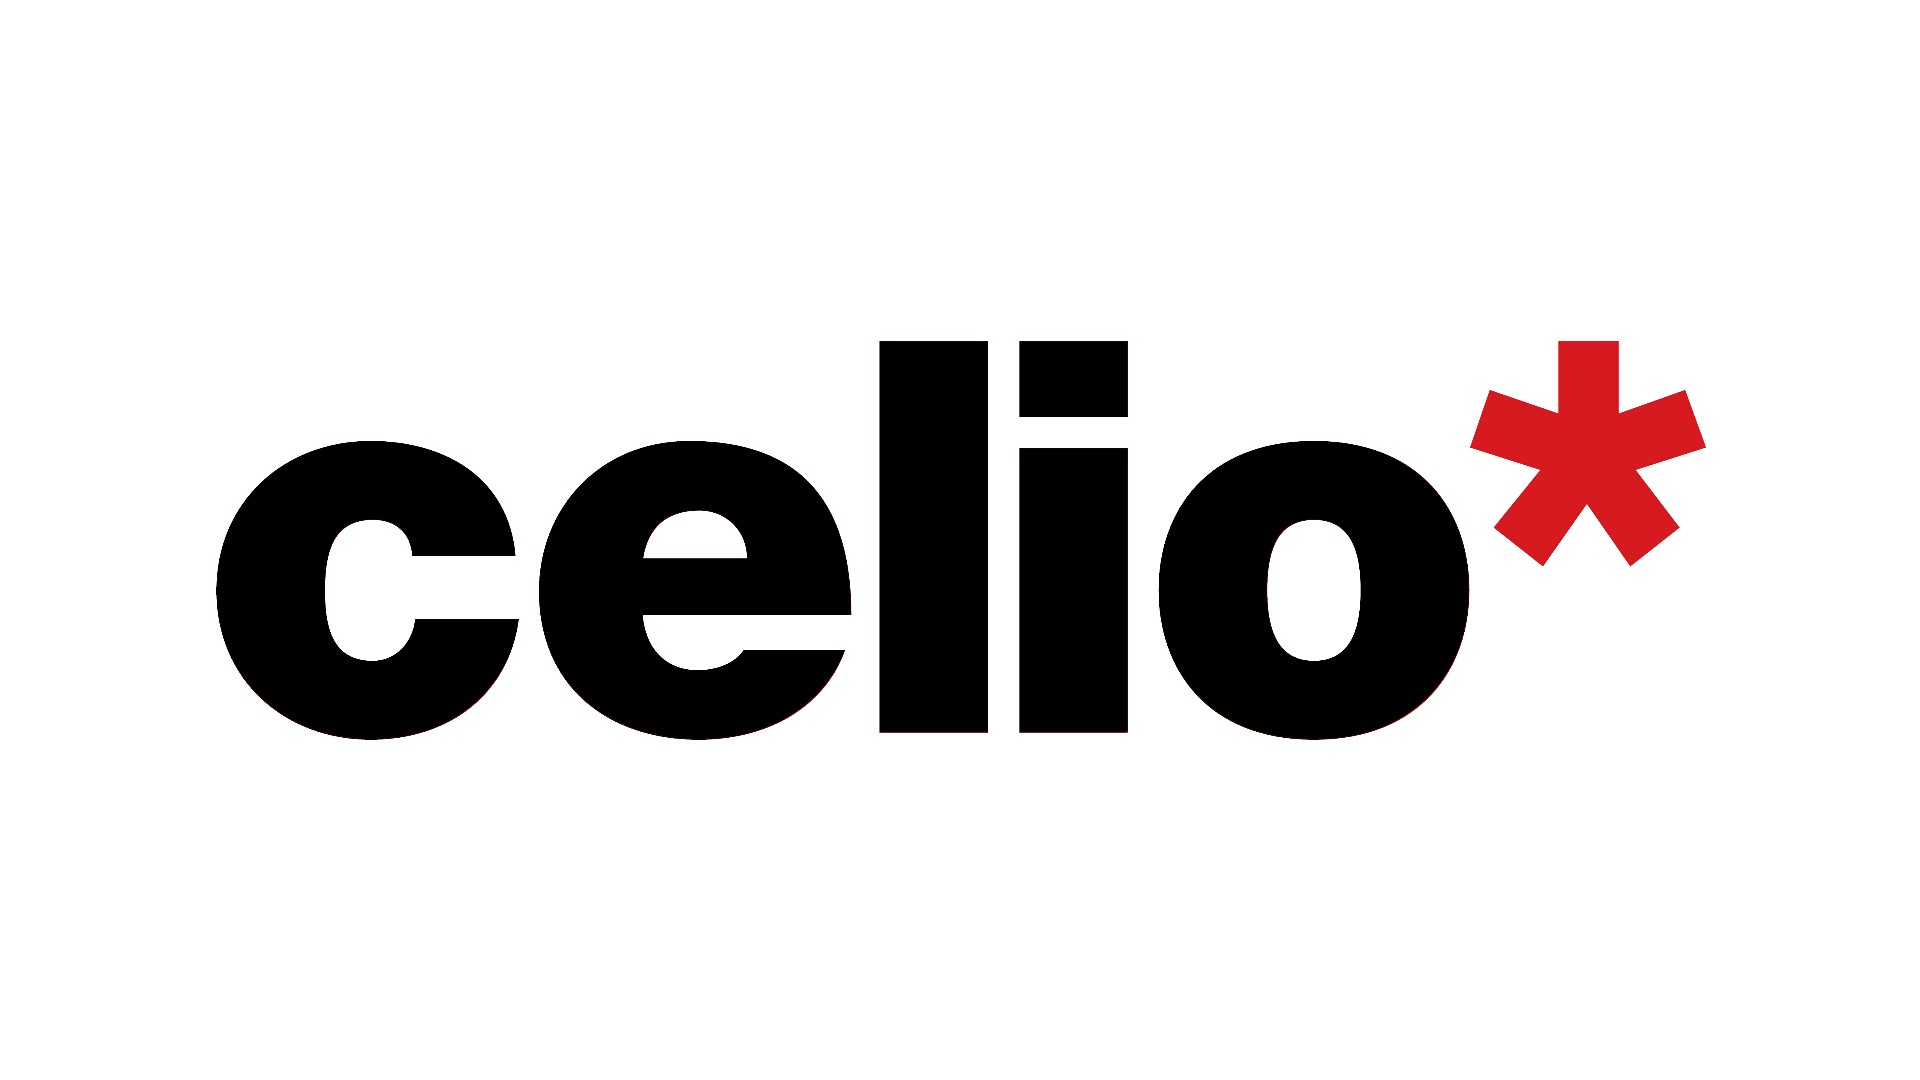 Celio (1) logo